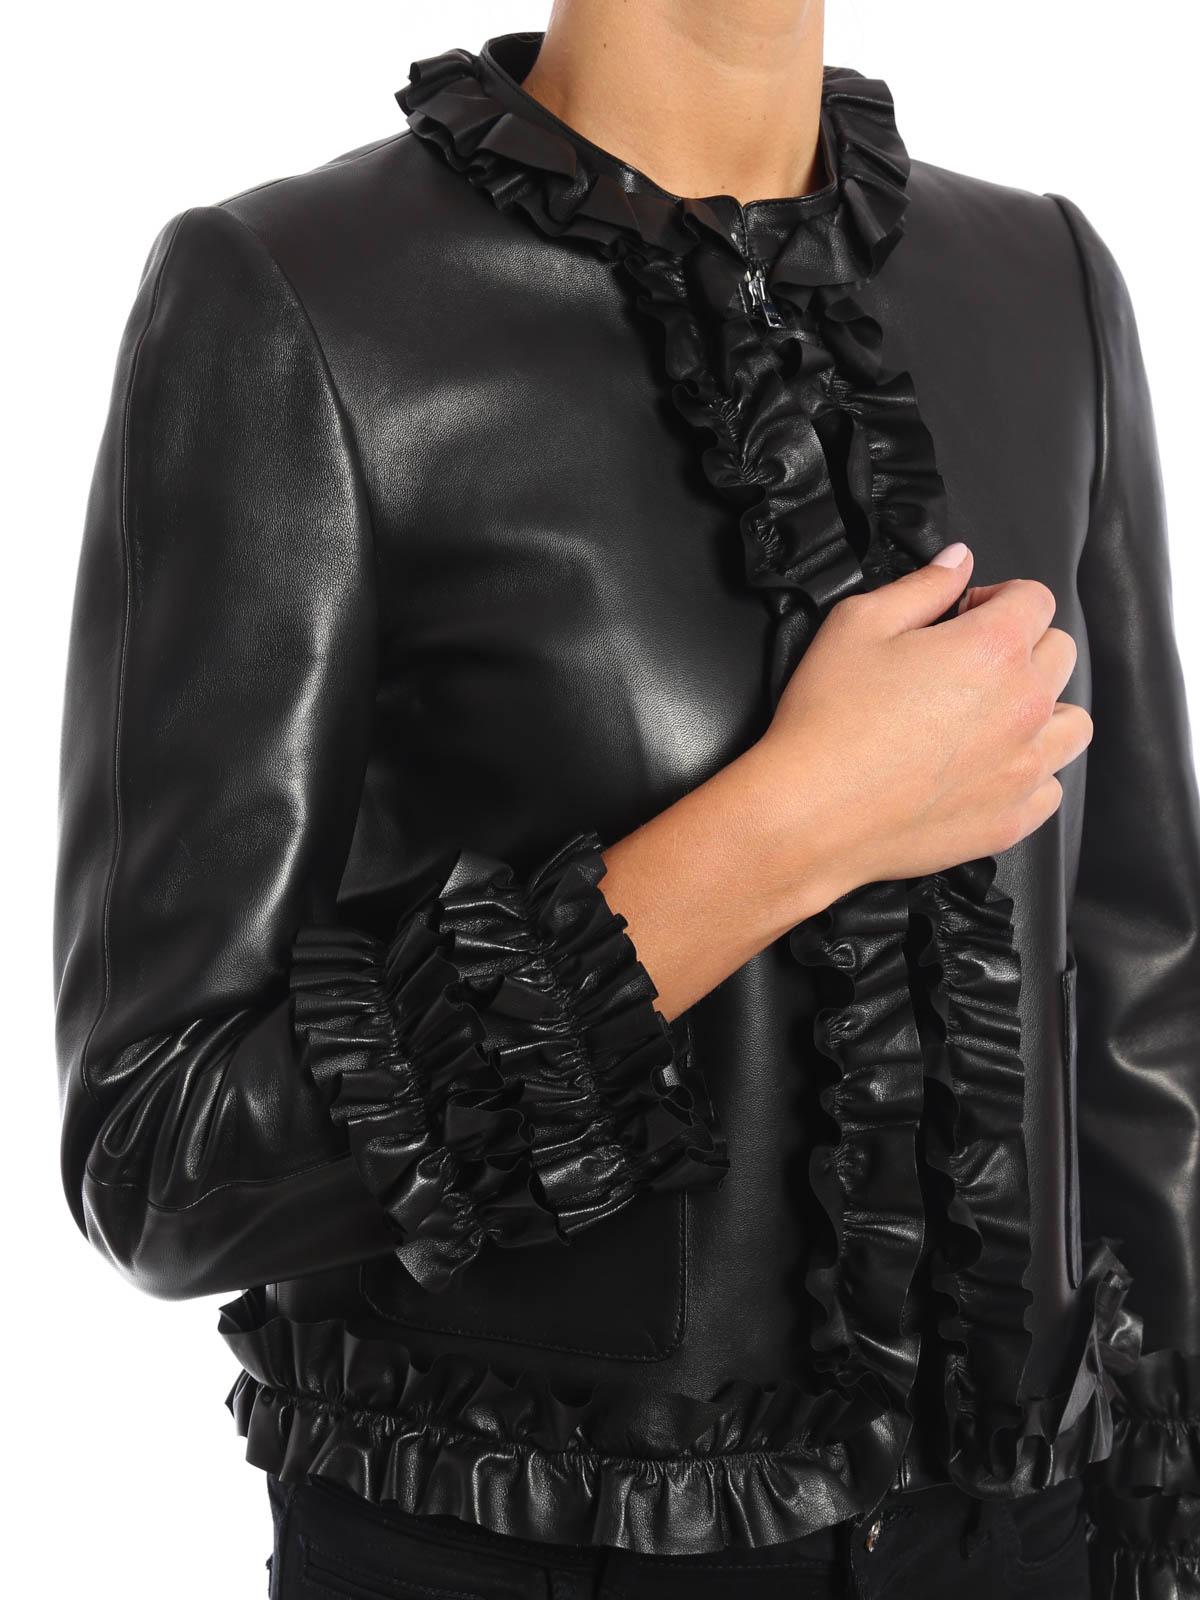 gucci lederjacke fur damen schwarz lederjacken wc0 444631 xn336 1000. Black Bedroom Furniture Sets. Home Design Ideas